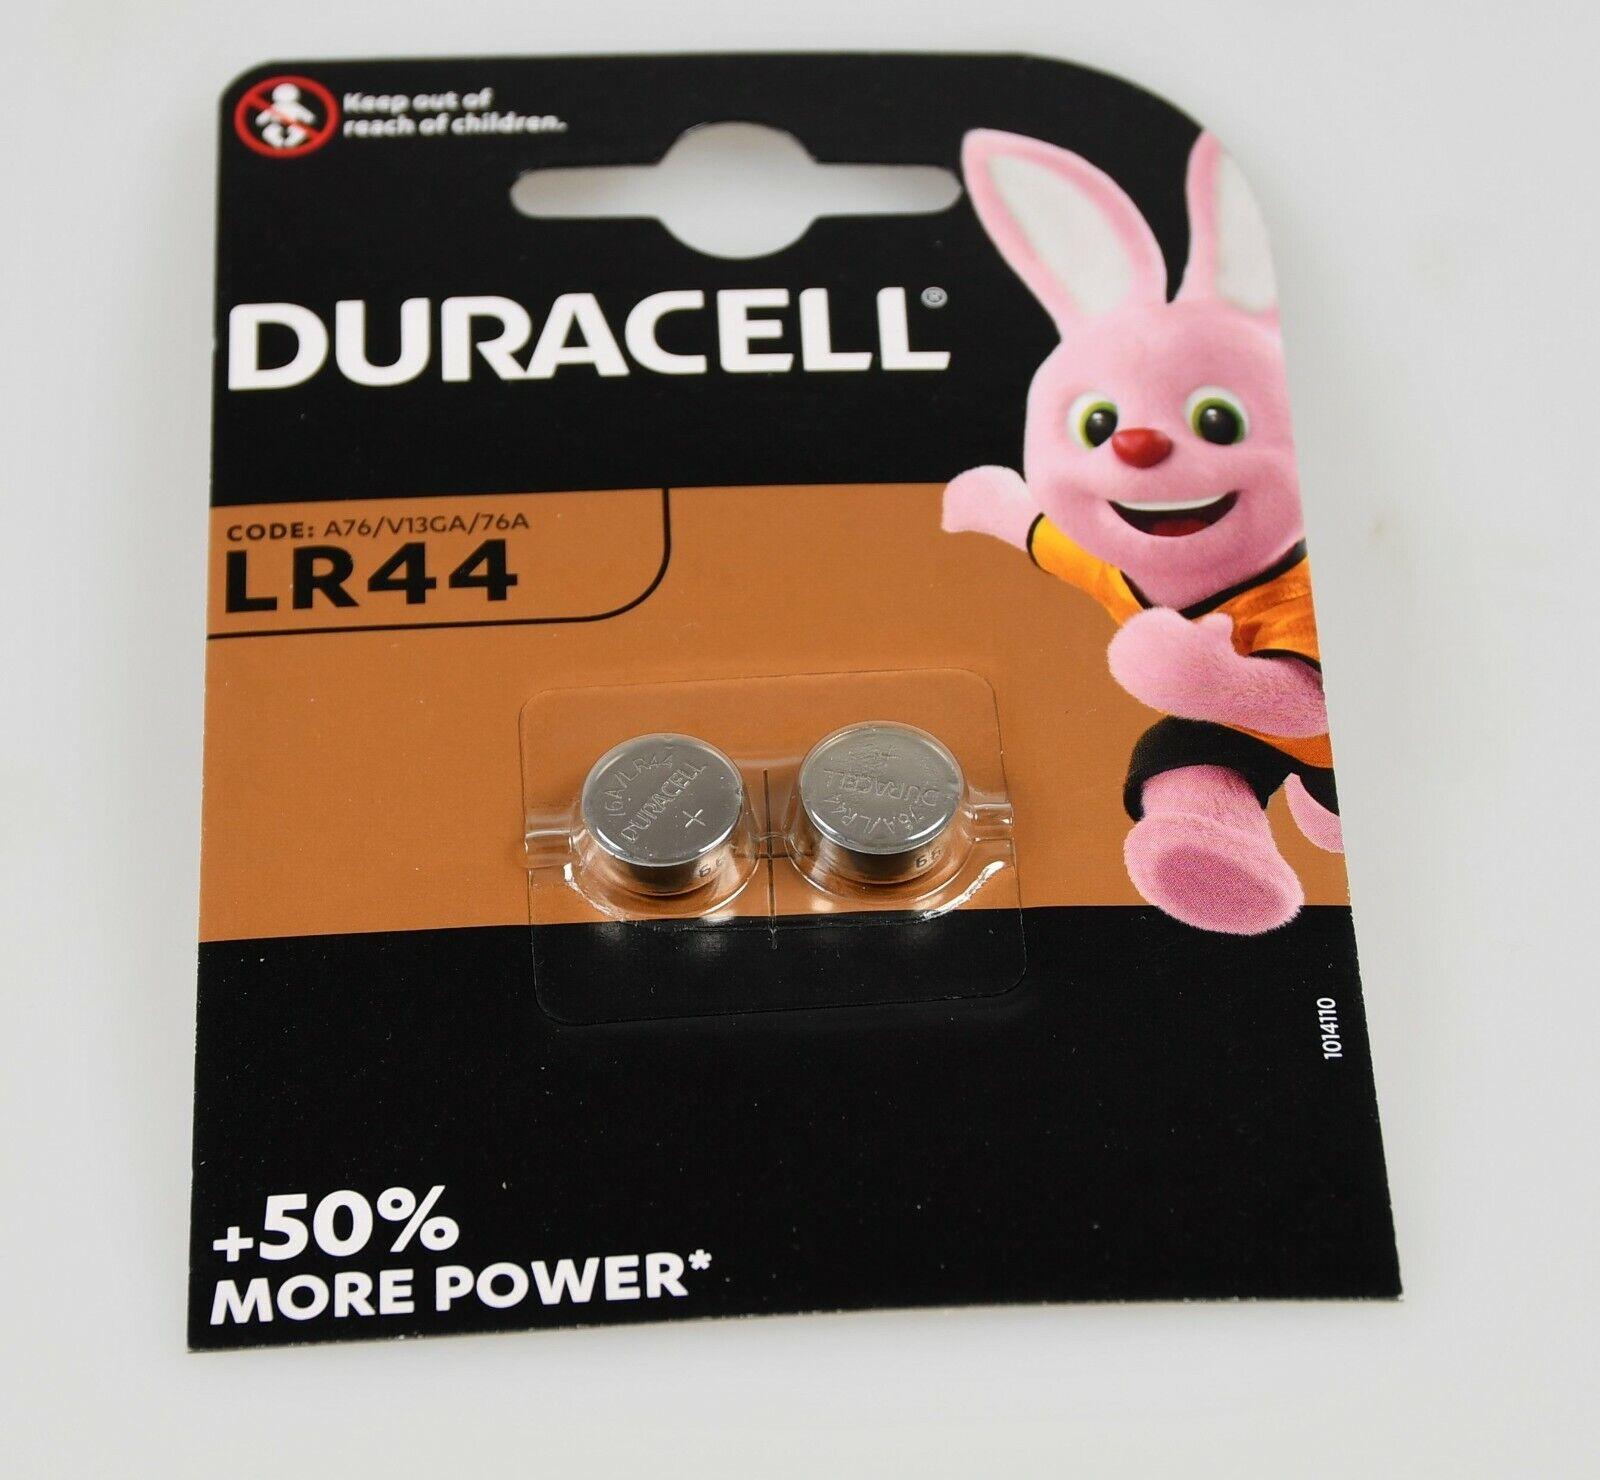 2 Batteries lr44 g13a lr1154 l1154 rpx675 d76a a76 DURACELL Button Cell